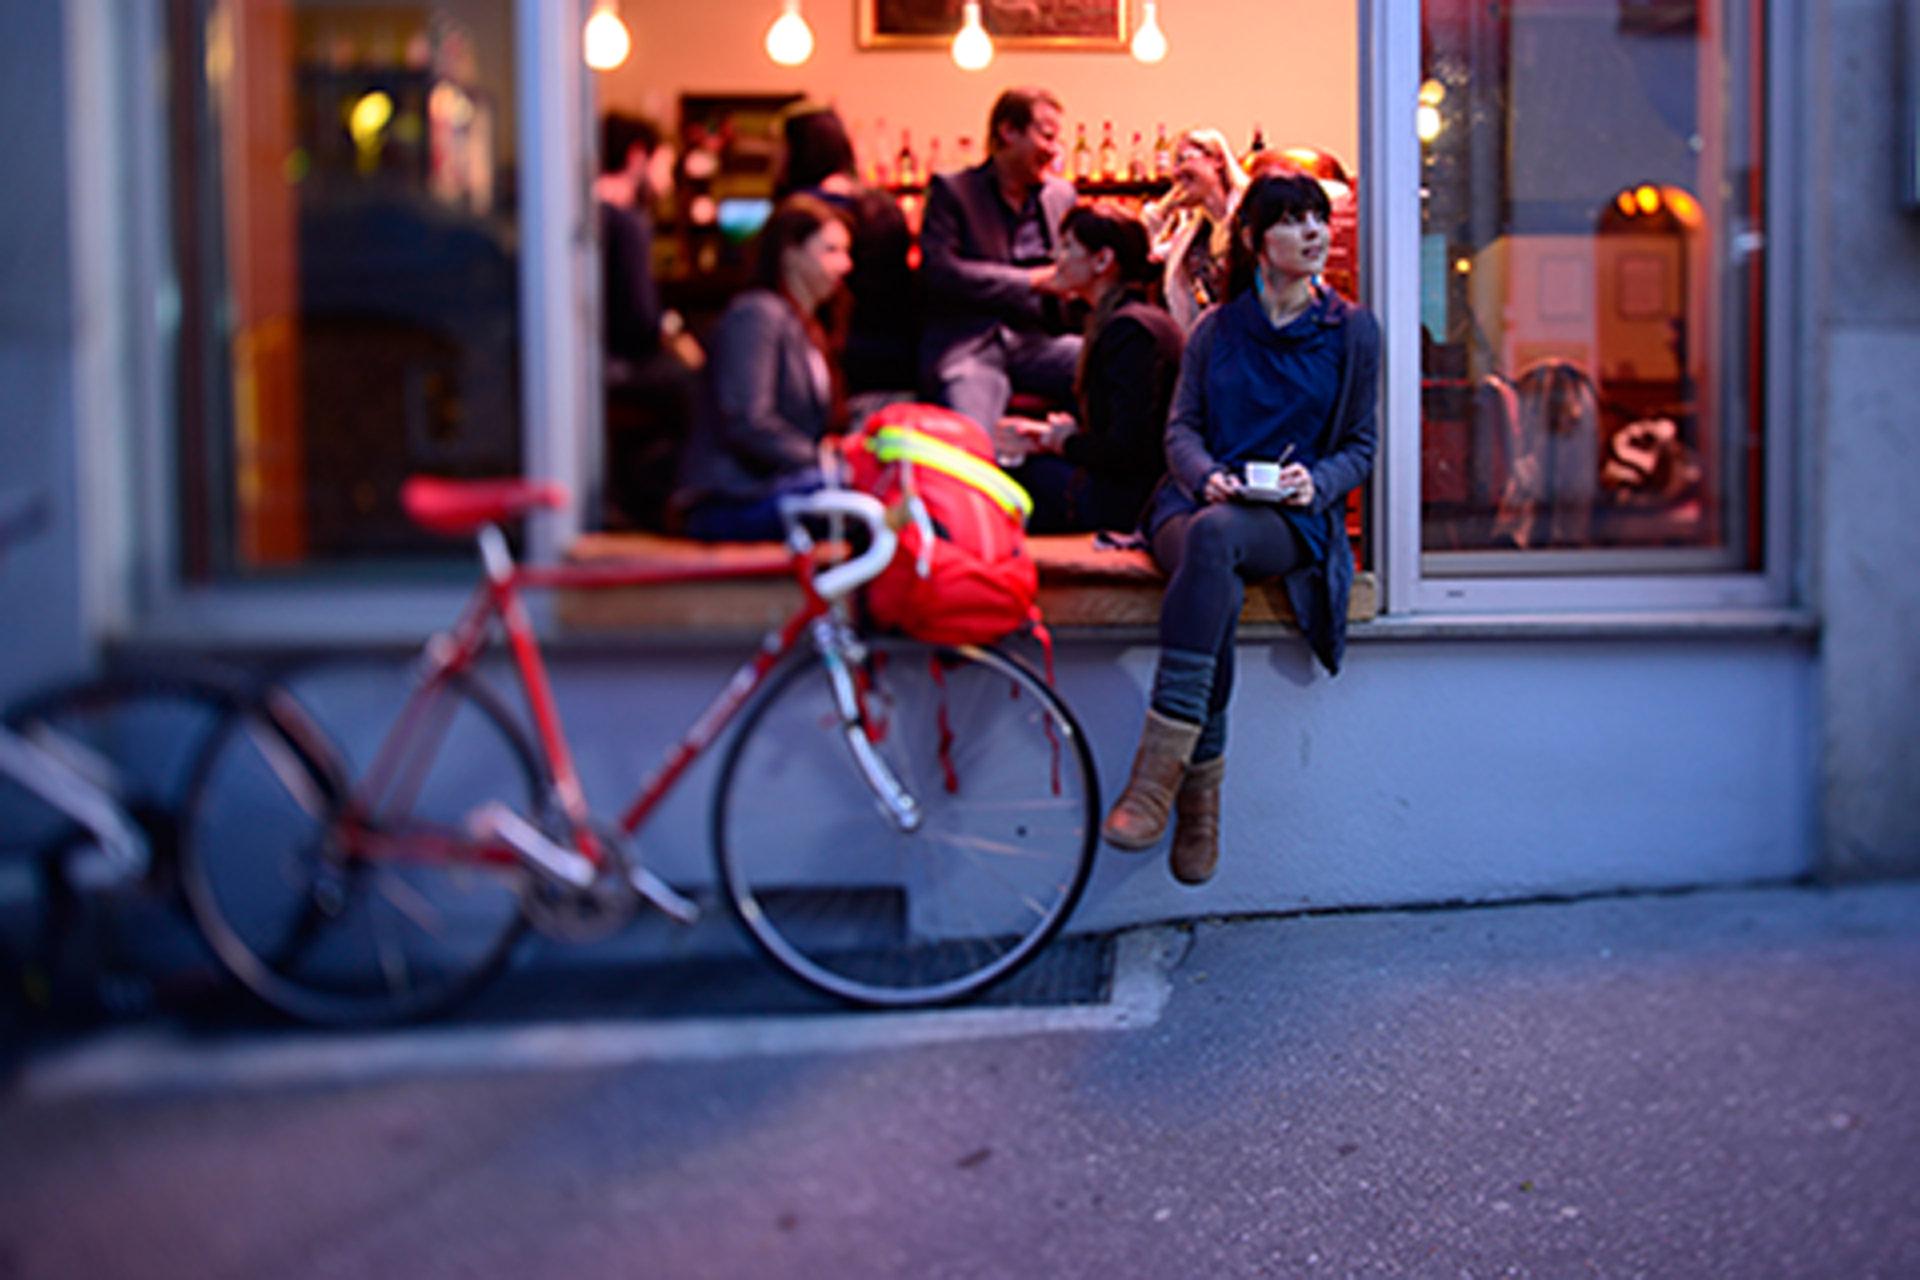 Kopenhagen zählt zu einer der fahrradfreundlichsten Städte der Welt.